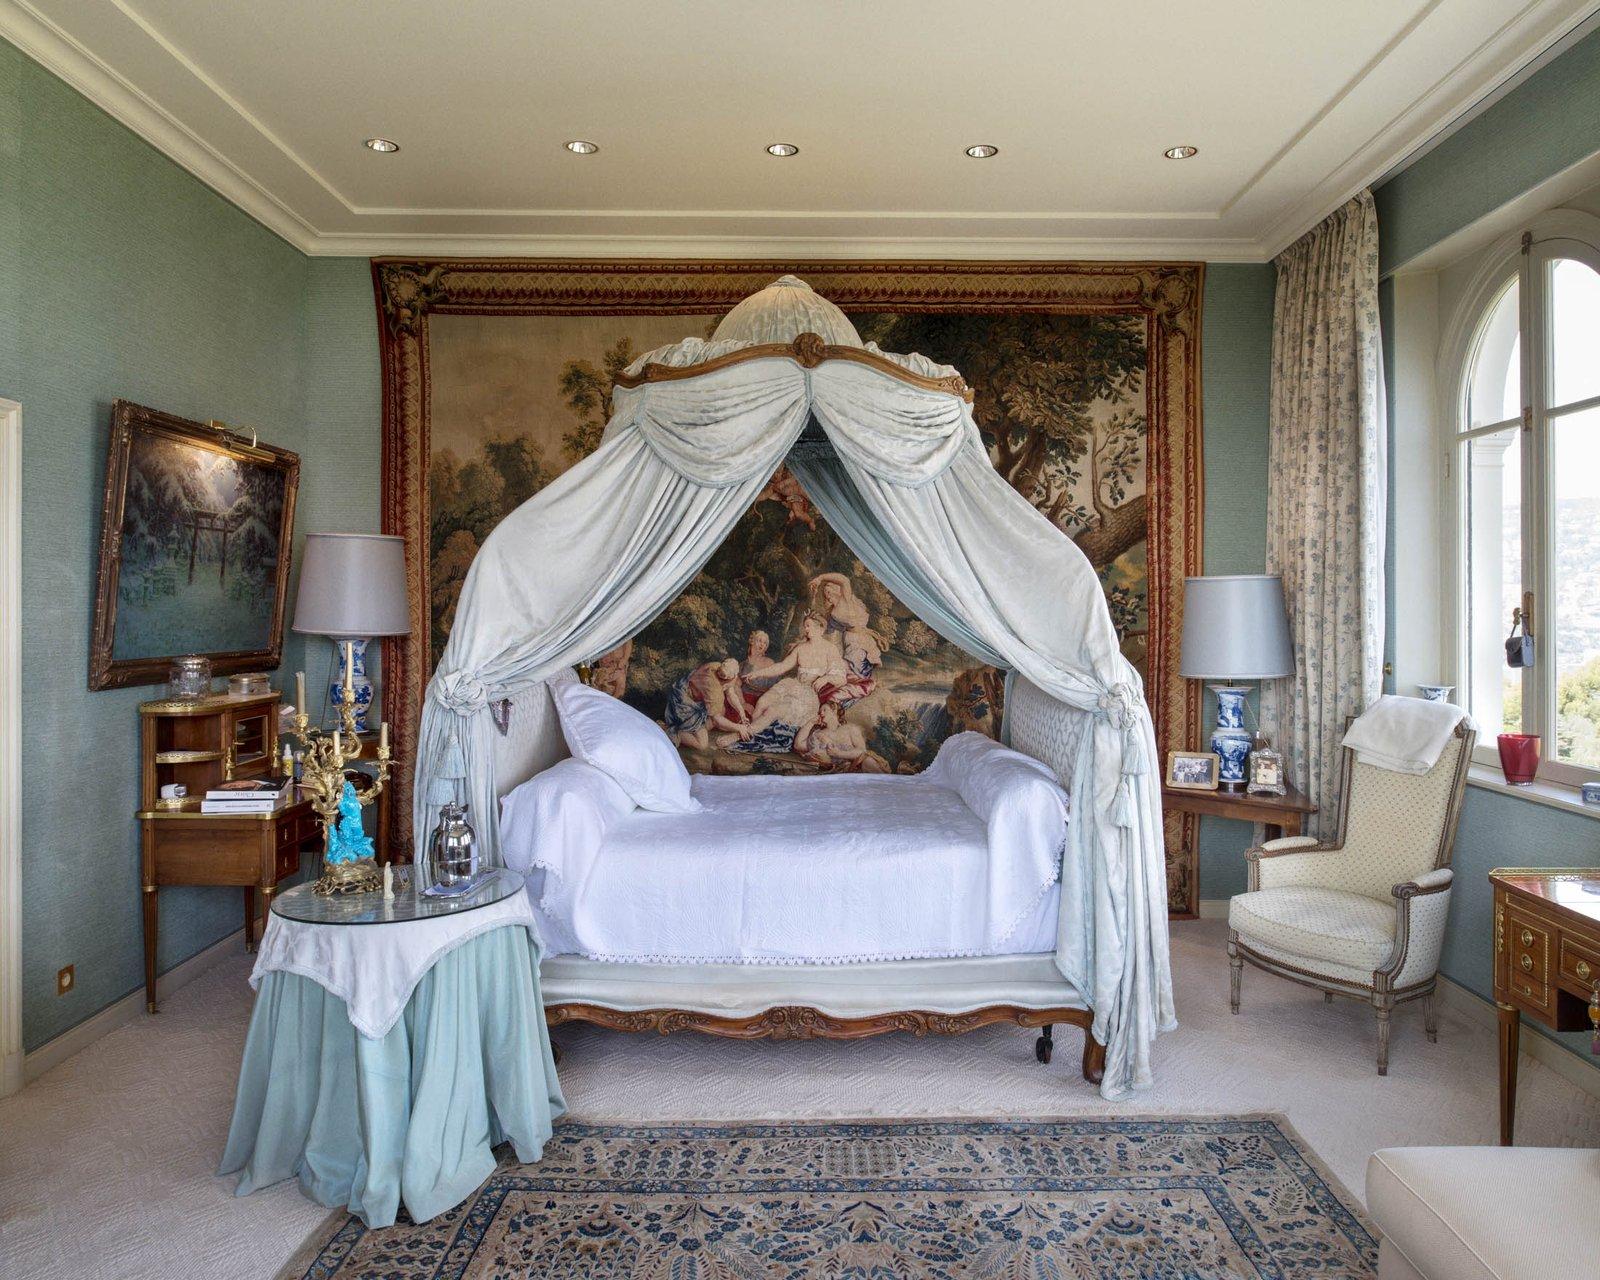 Сегодня собственники виллы Les Cedres — 187-летнего особняка с 14 спальнями площадью 1670 м? с приле